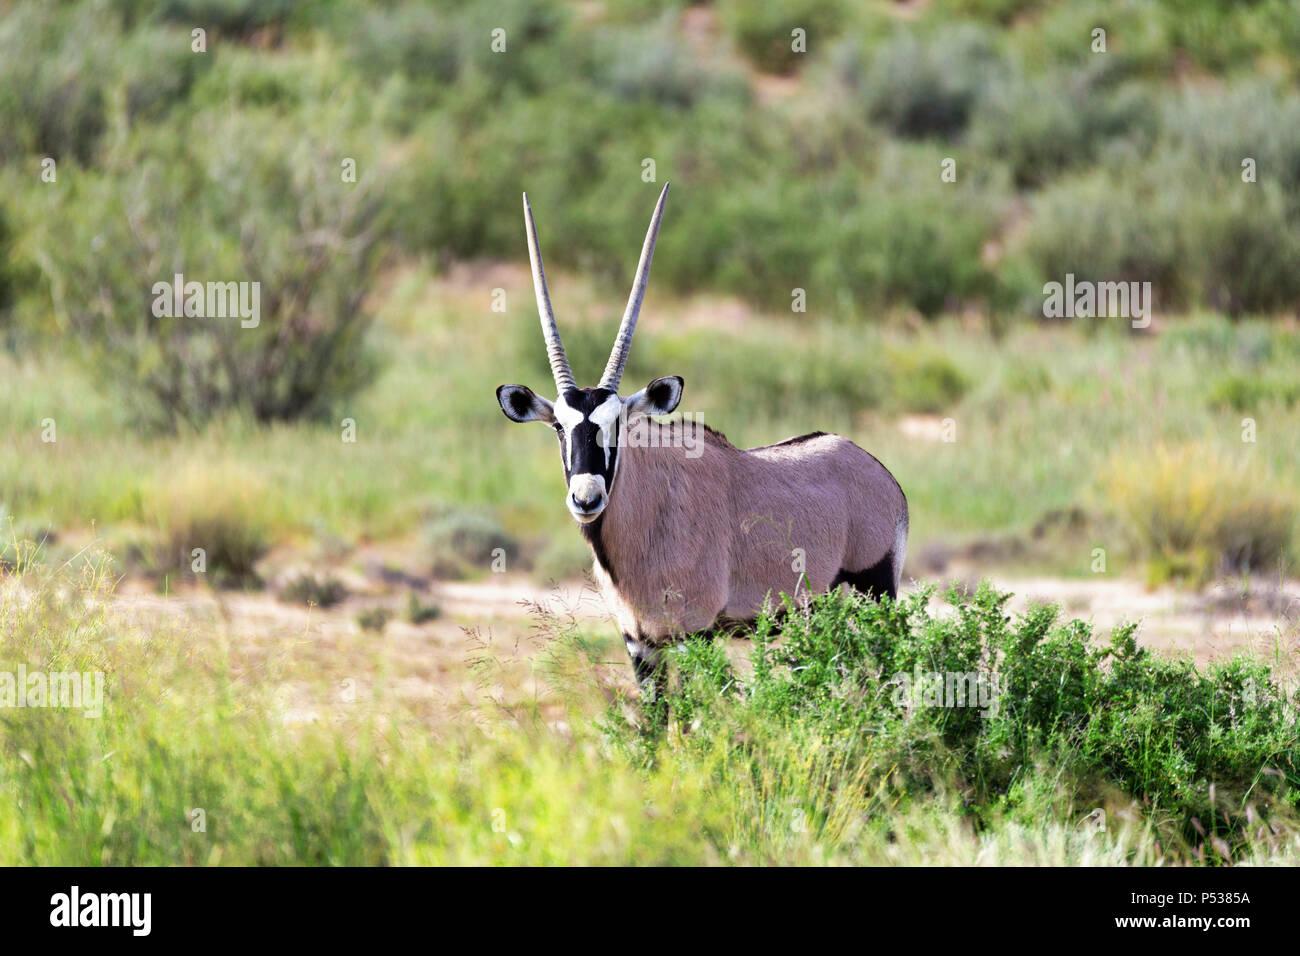 Gemsbok, Oryx gazella au Kalahari, désert vert après la saison des pluies. Kgalagadi Transfrontier Park, Afrique du Sud safari de faune Banque D'Images